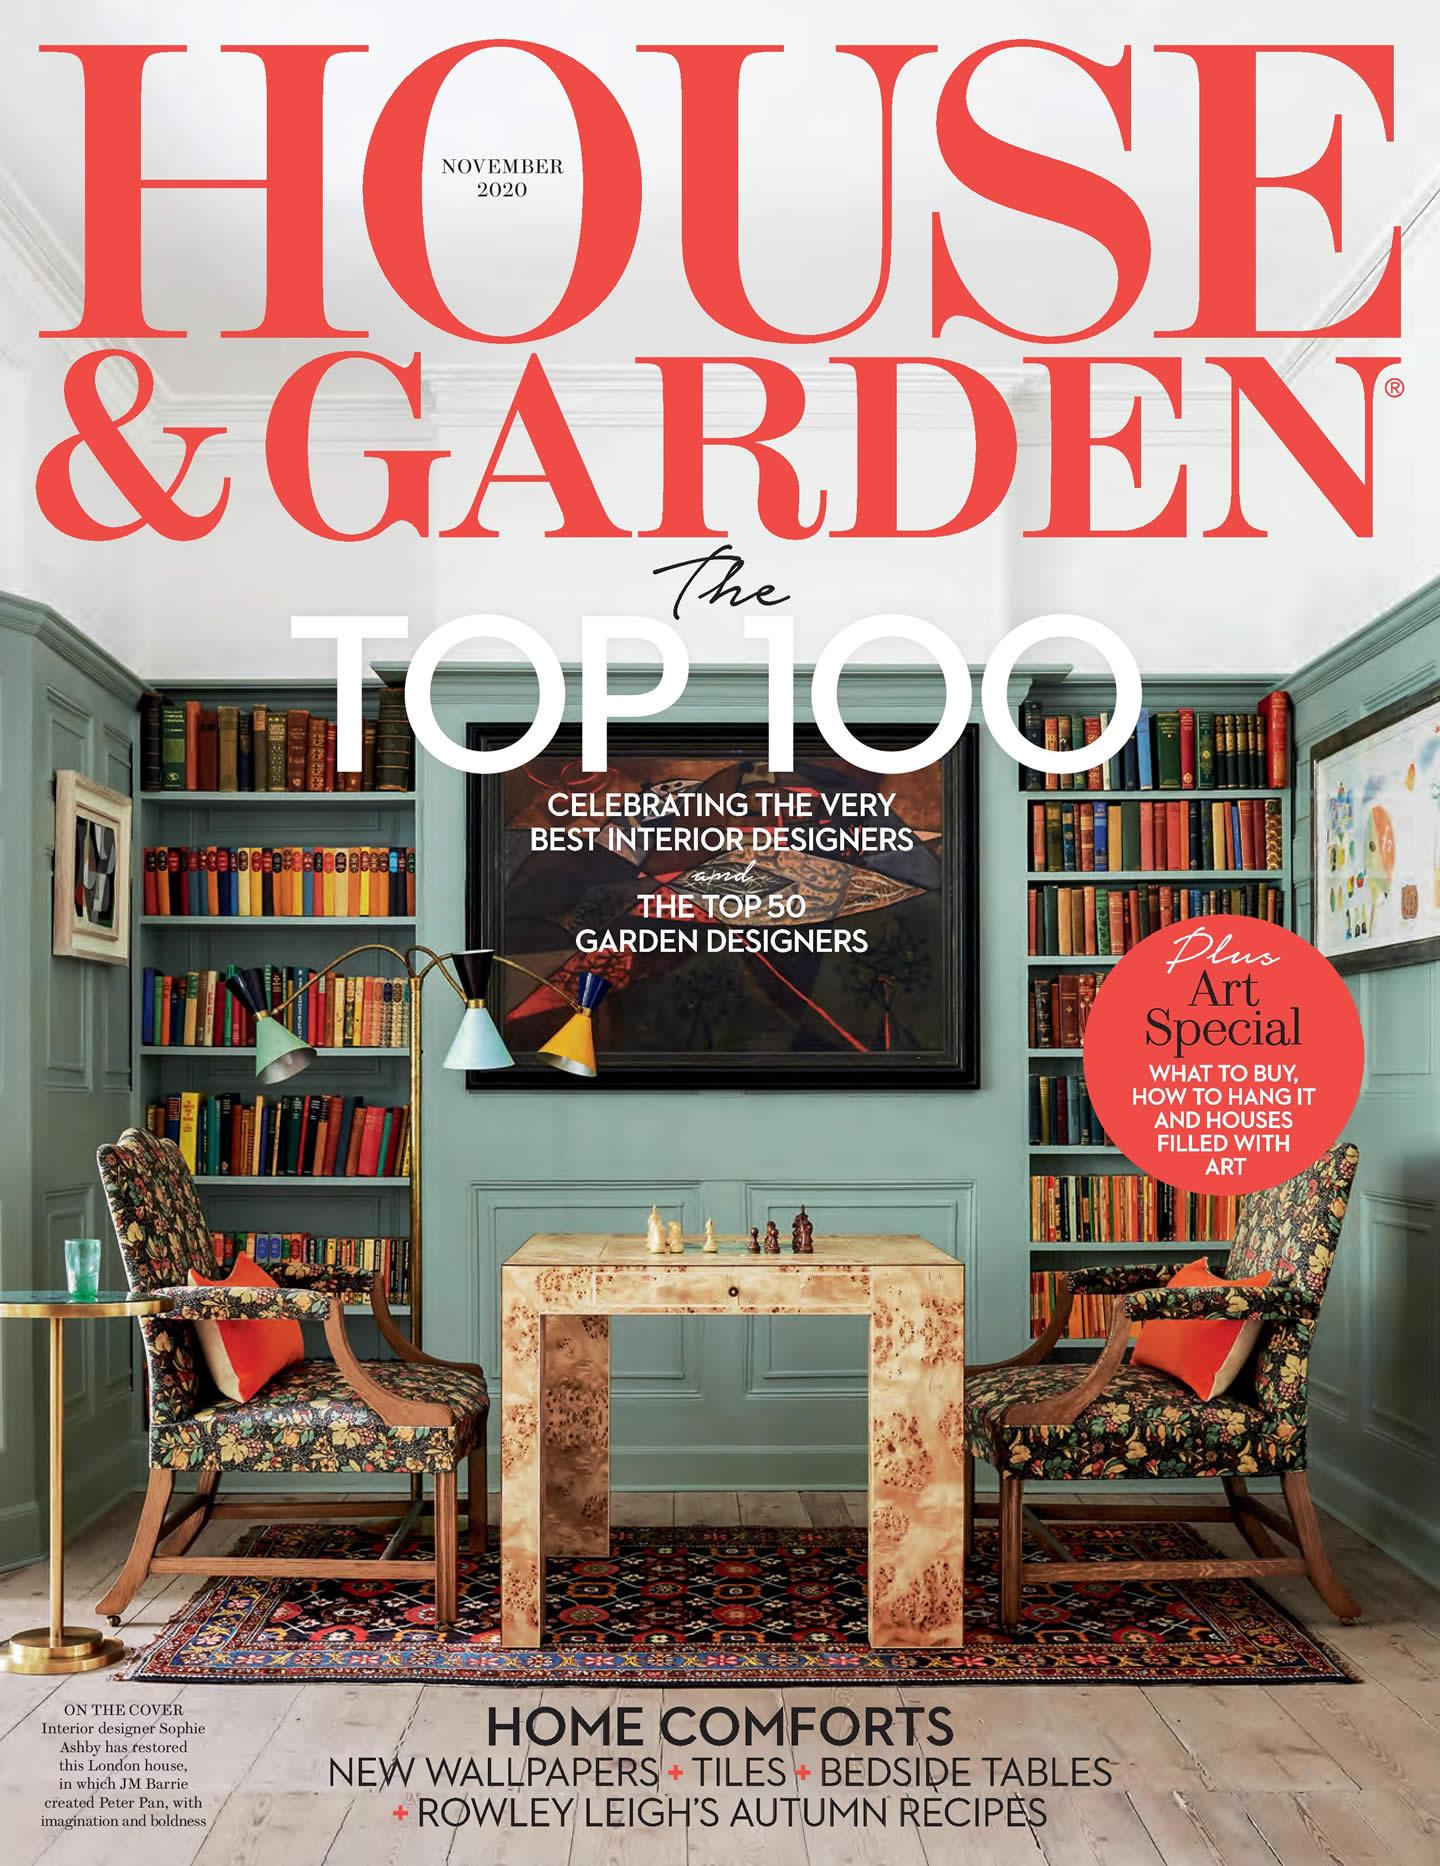 House and Garden, November 2020